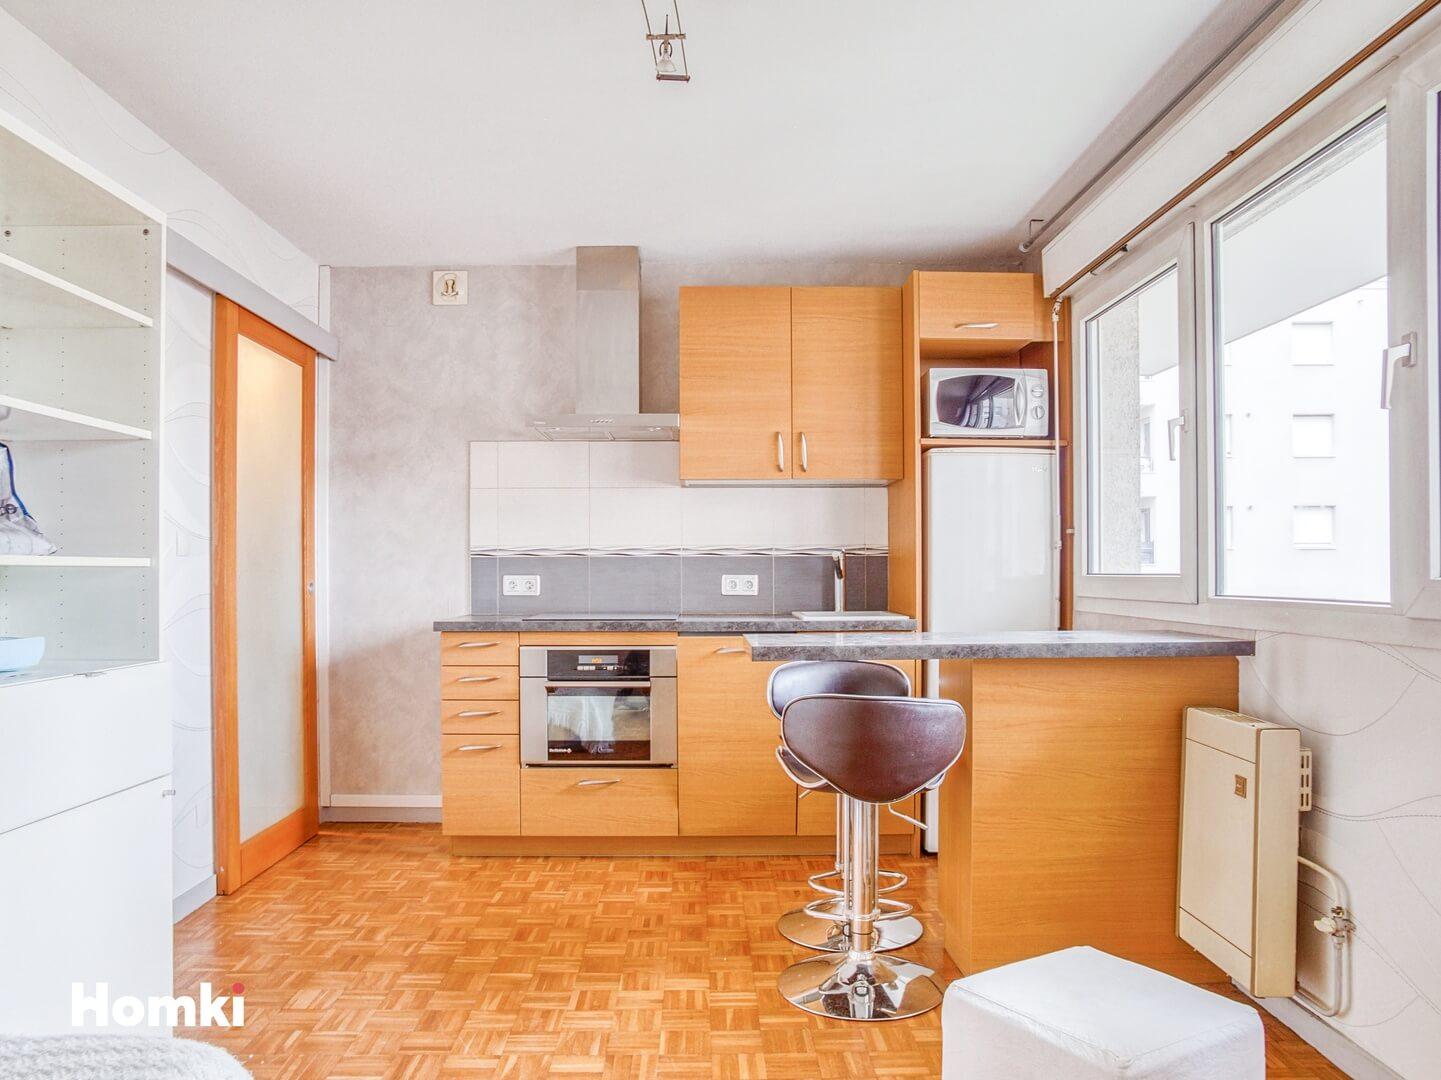 Homki - Vente Appartement  de 30.0 m² à Lyon 69009